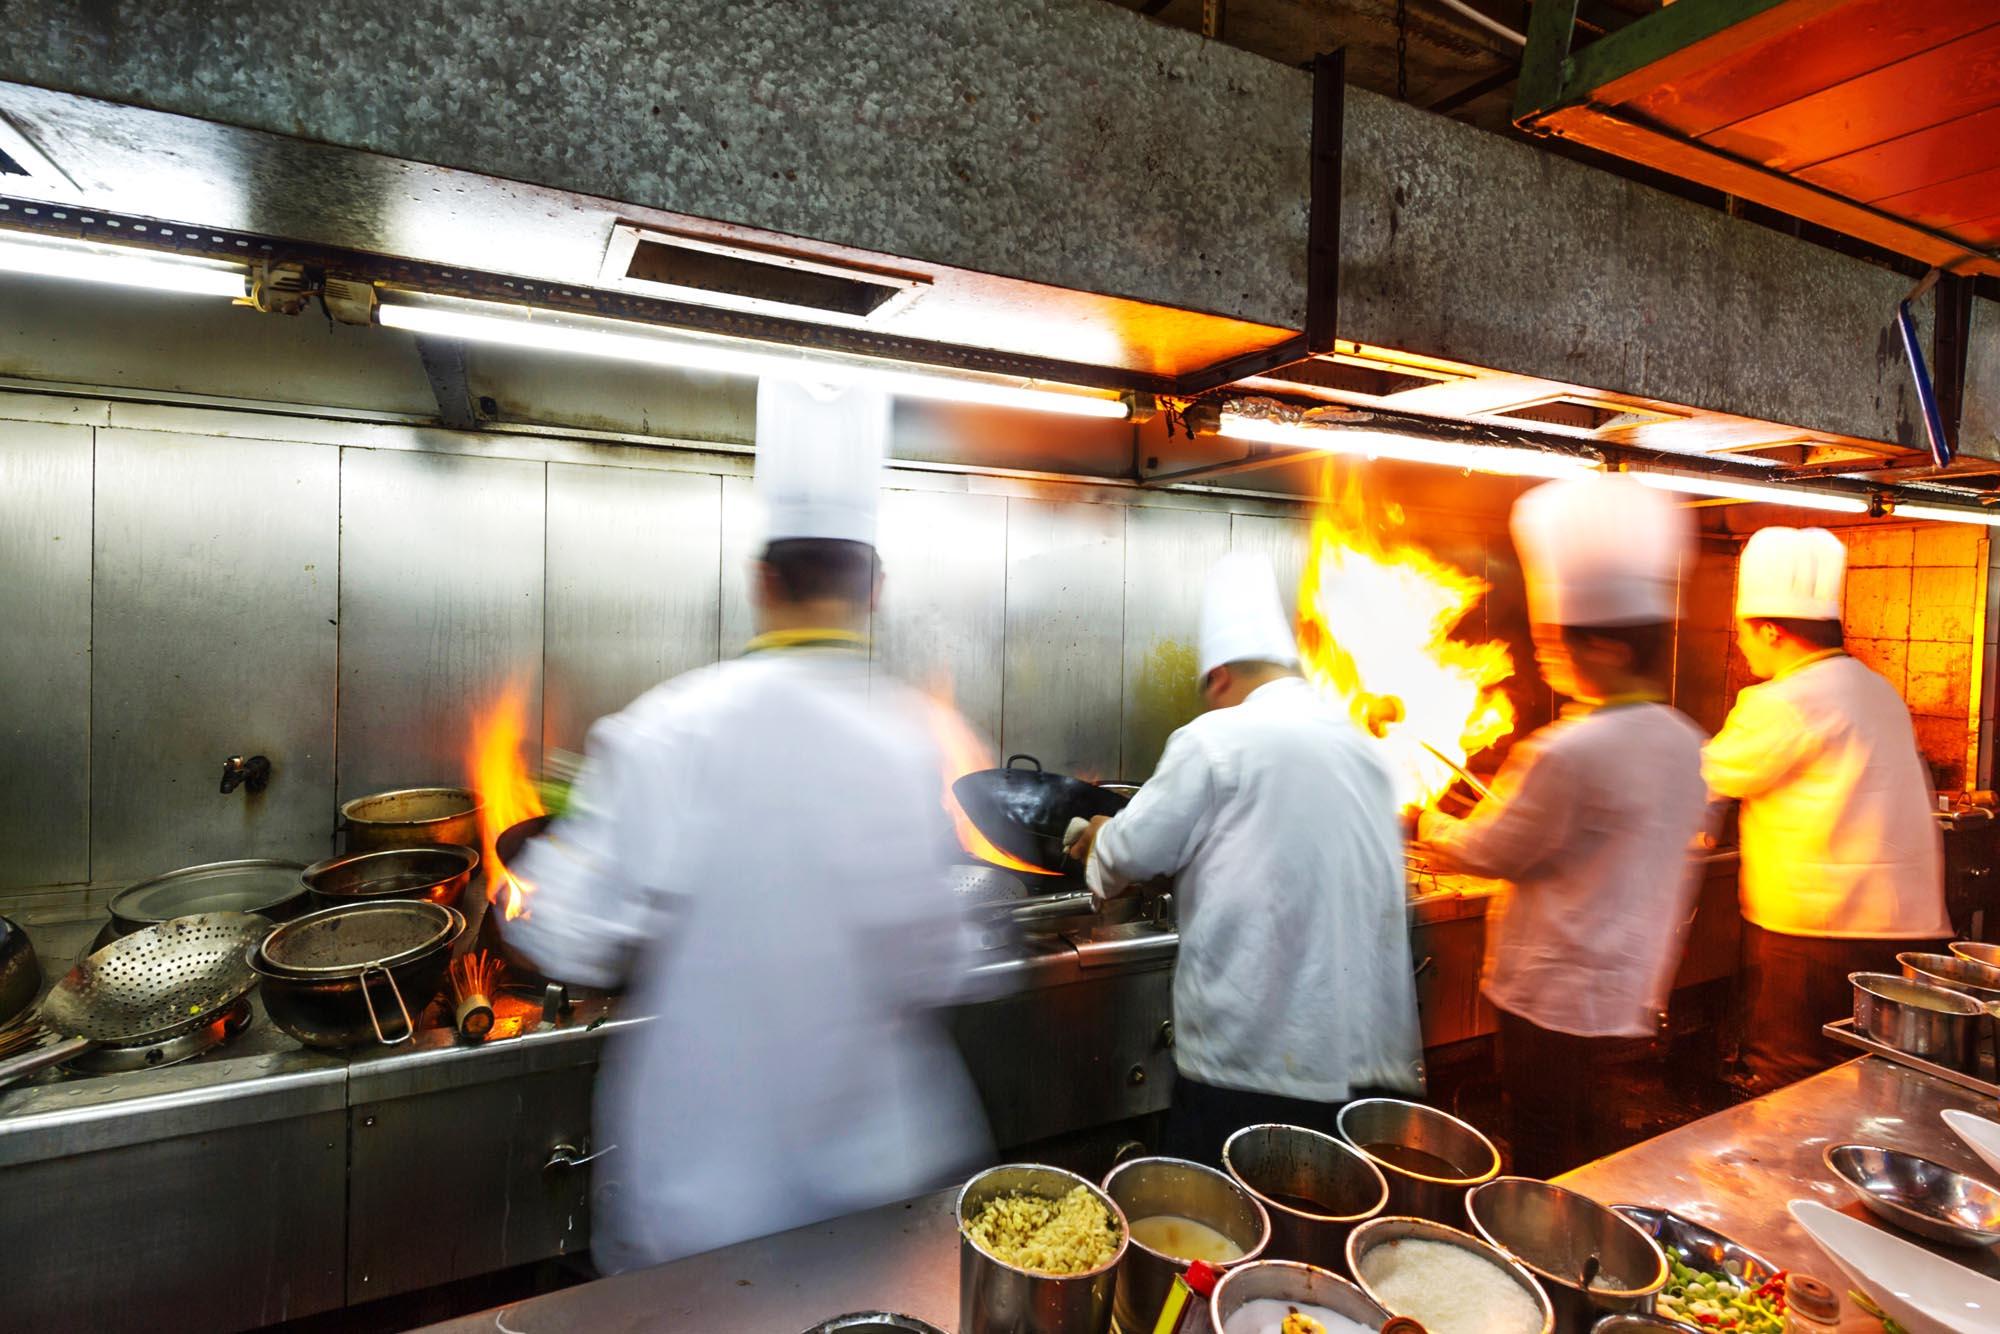 Safety Hazards in a Restaurant